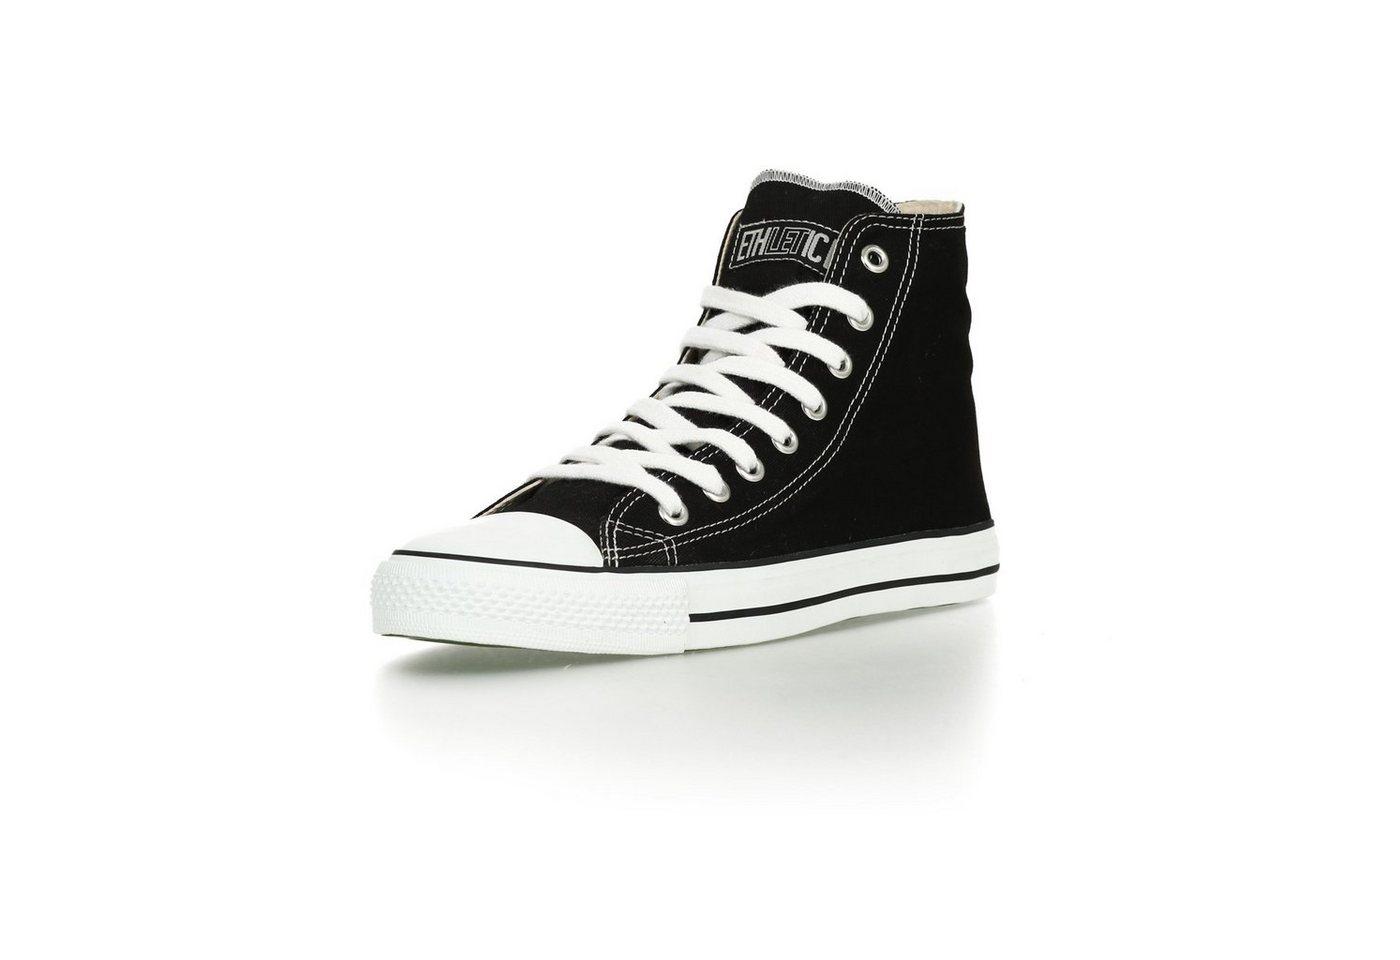 ETHLETIC Sneaker aus nachhaltiger Produktion »White Cap Hi Cut Classic« | Accessoires > Caps | Schwarz | ETHLETIC